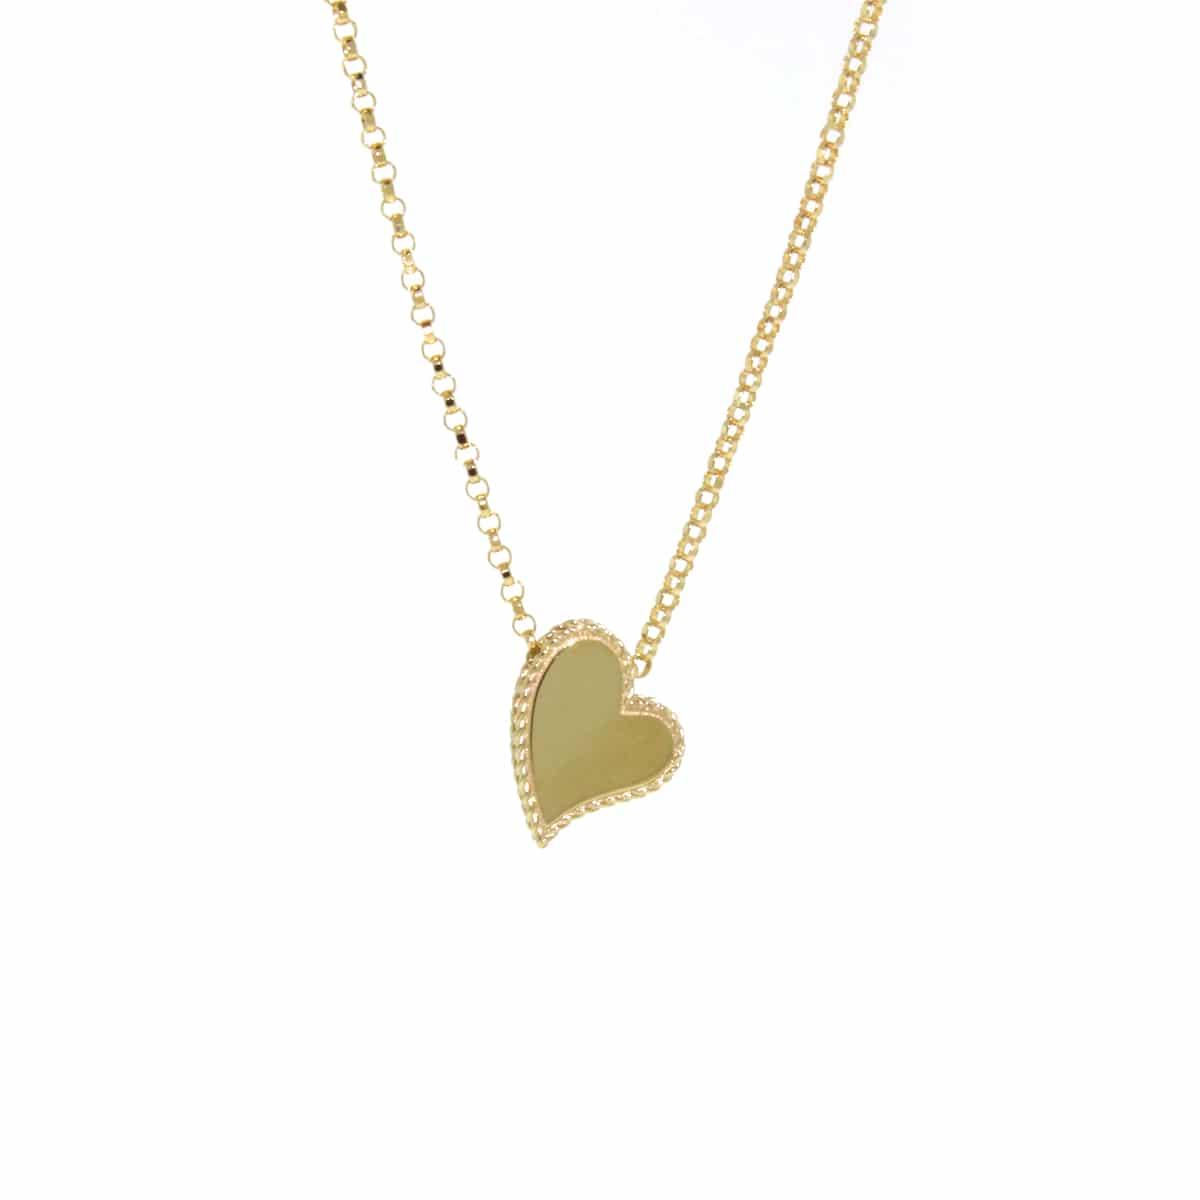 Roberto Coin heart necklace